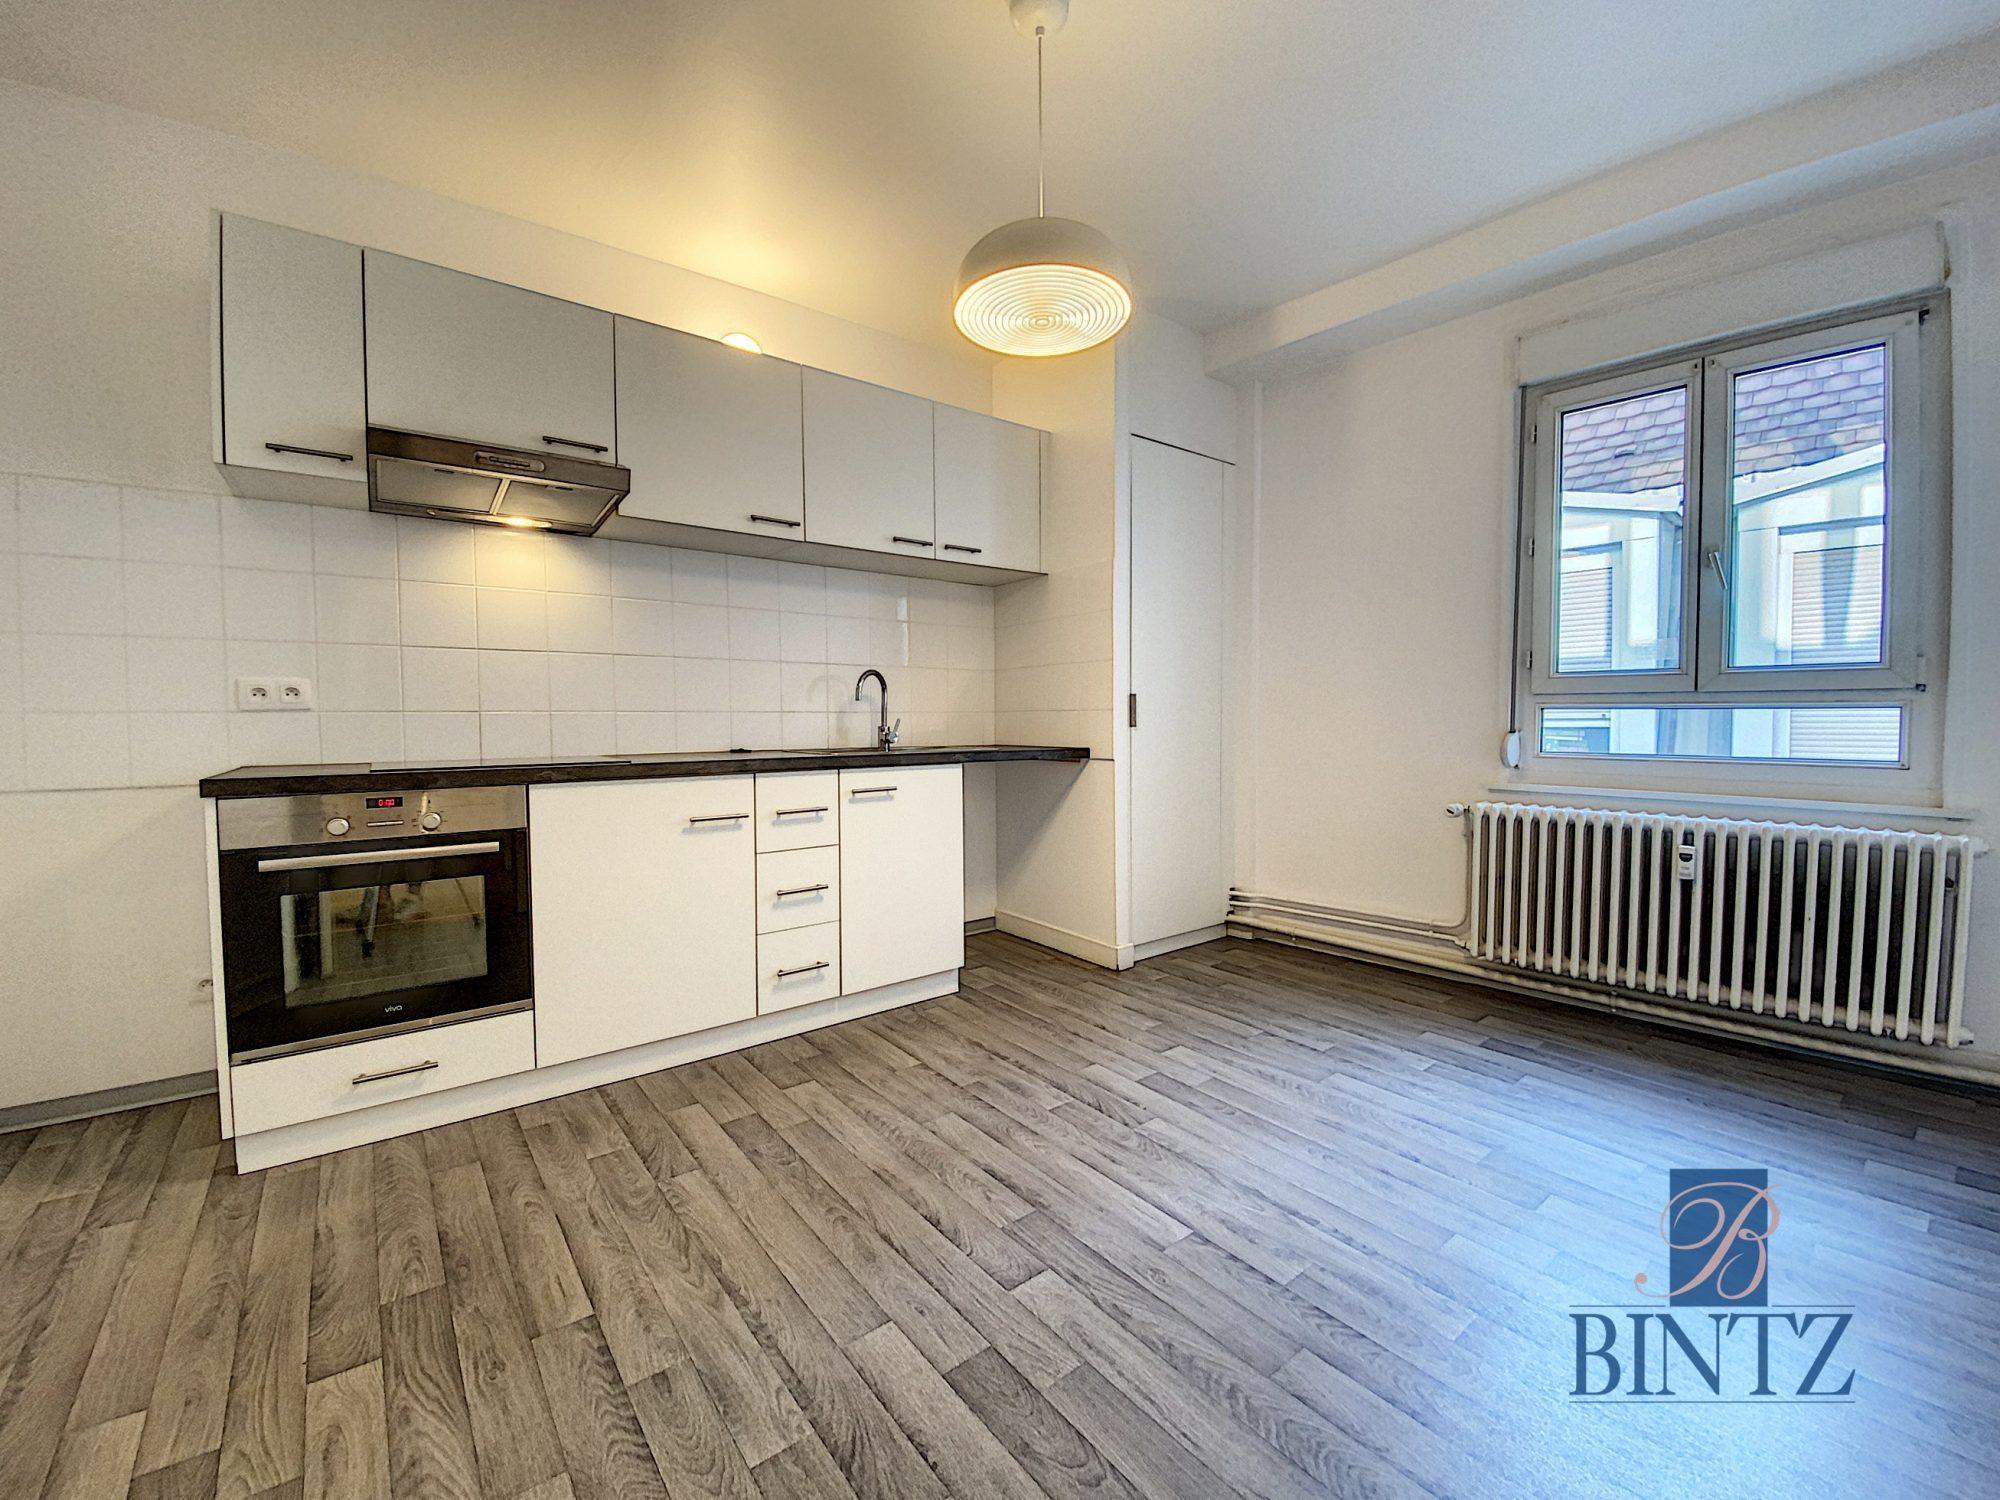 Grand 3 pièces HYPERCENTRE - Devenez locataire en toute sérénité - Bintz Immobilier - 2